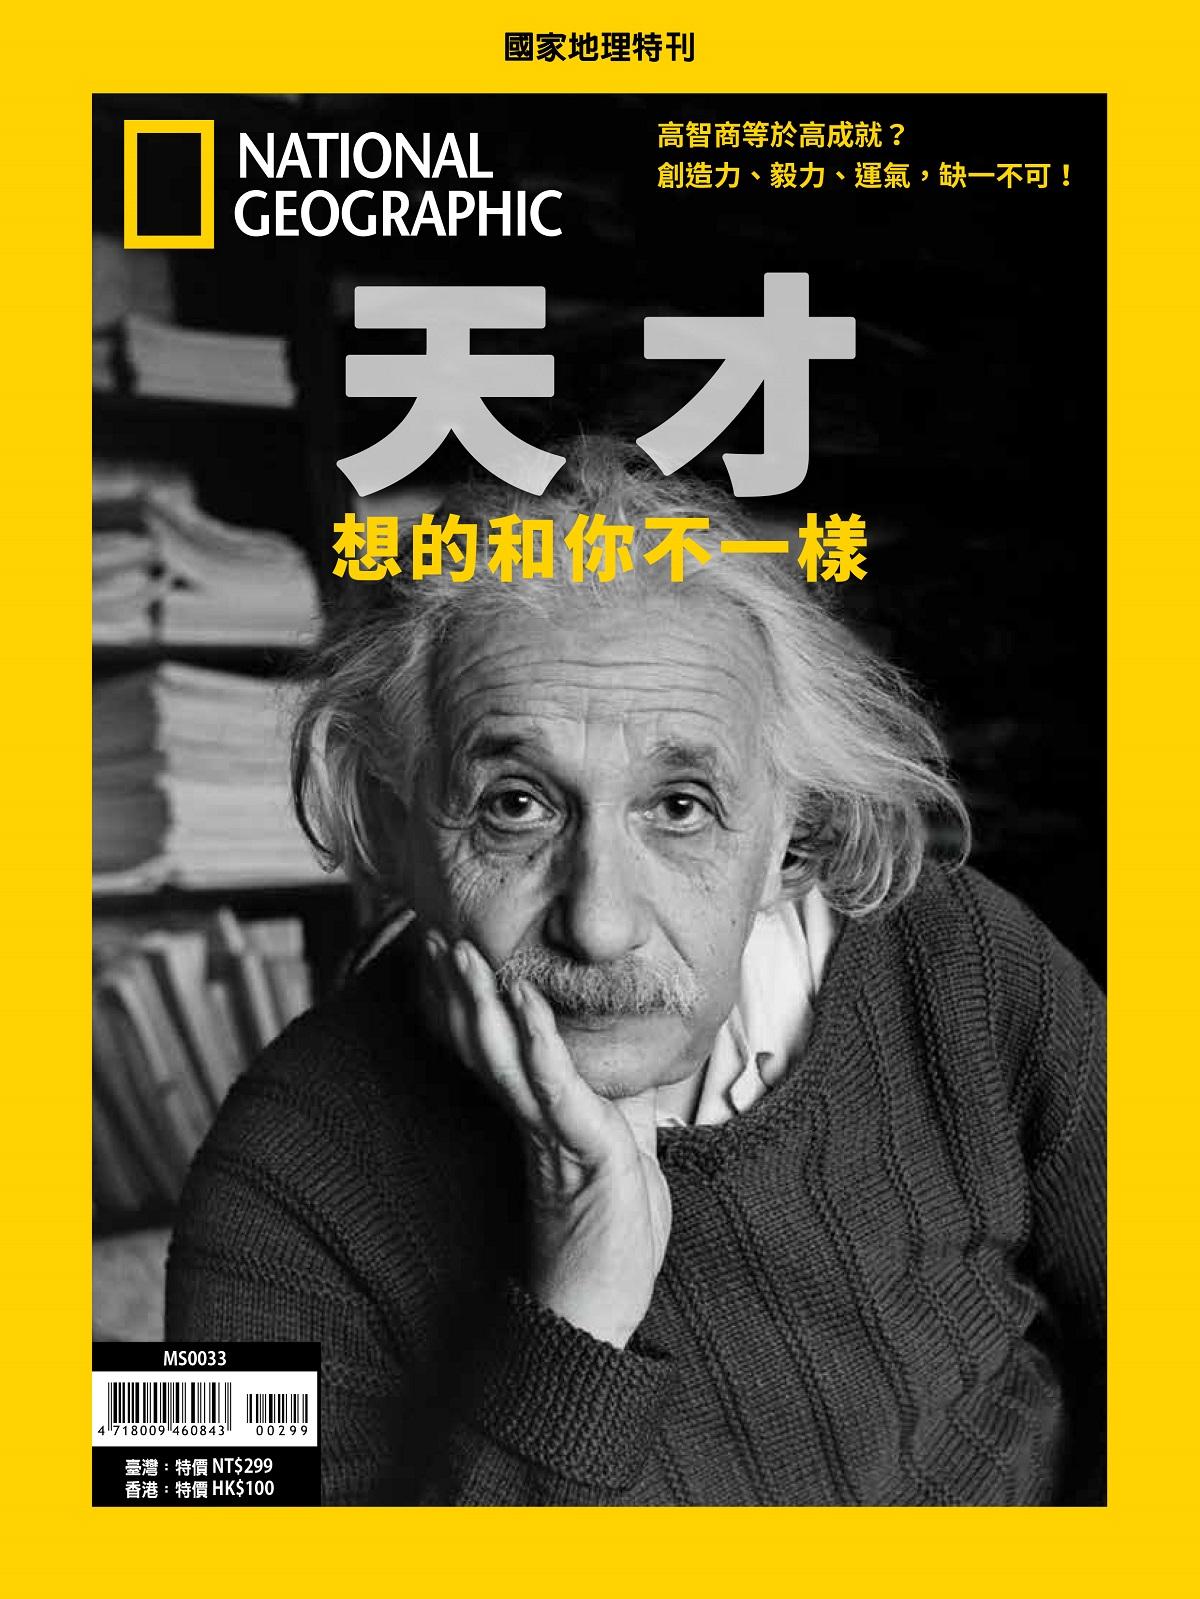 國家地理雜誌中文版一年12期+青林5G智能學習寶第一輯:啟蒙版 + 進階版 + 強化版